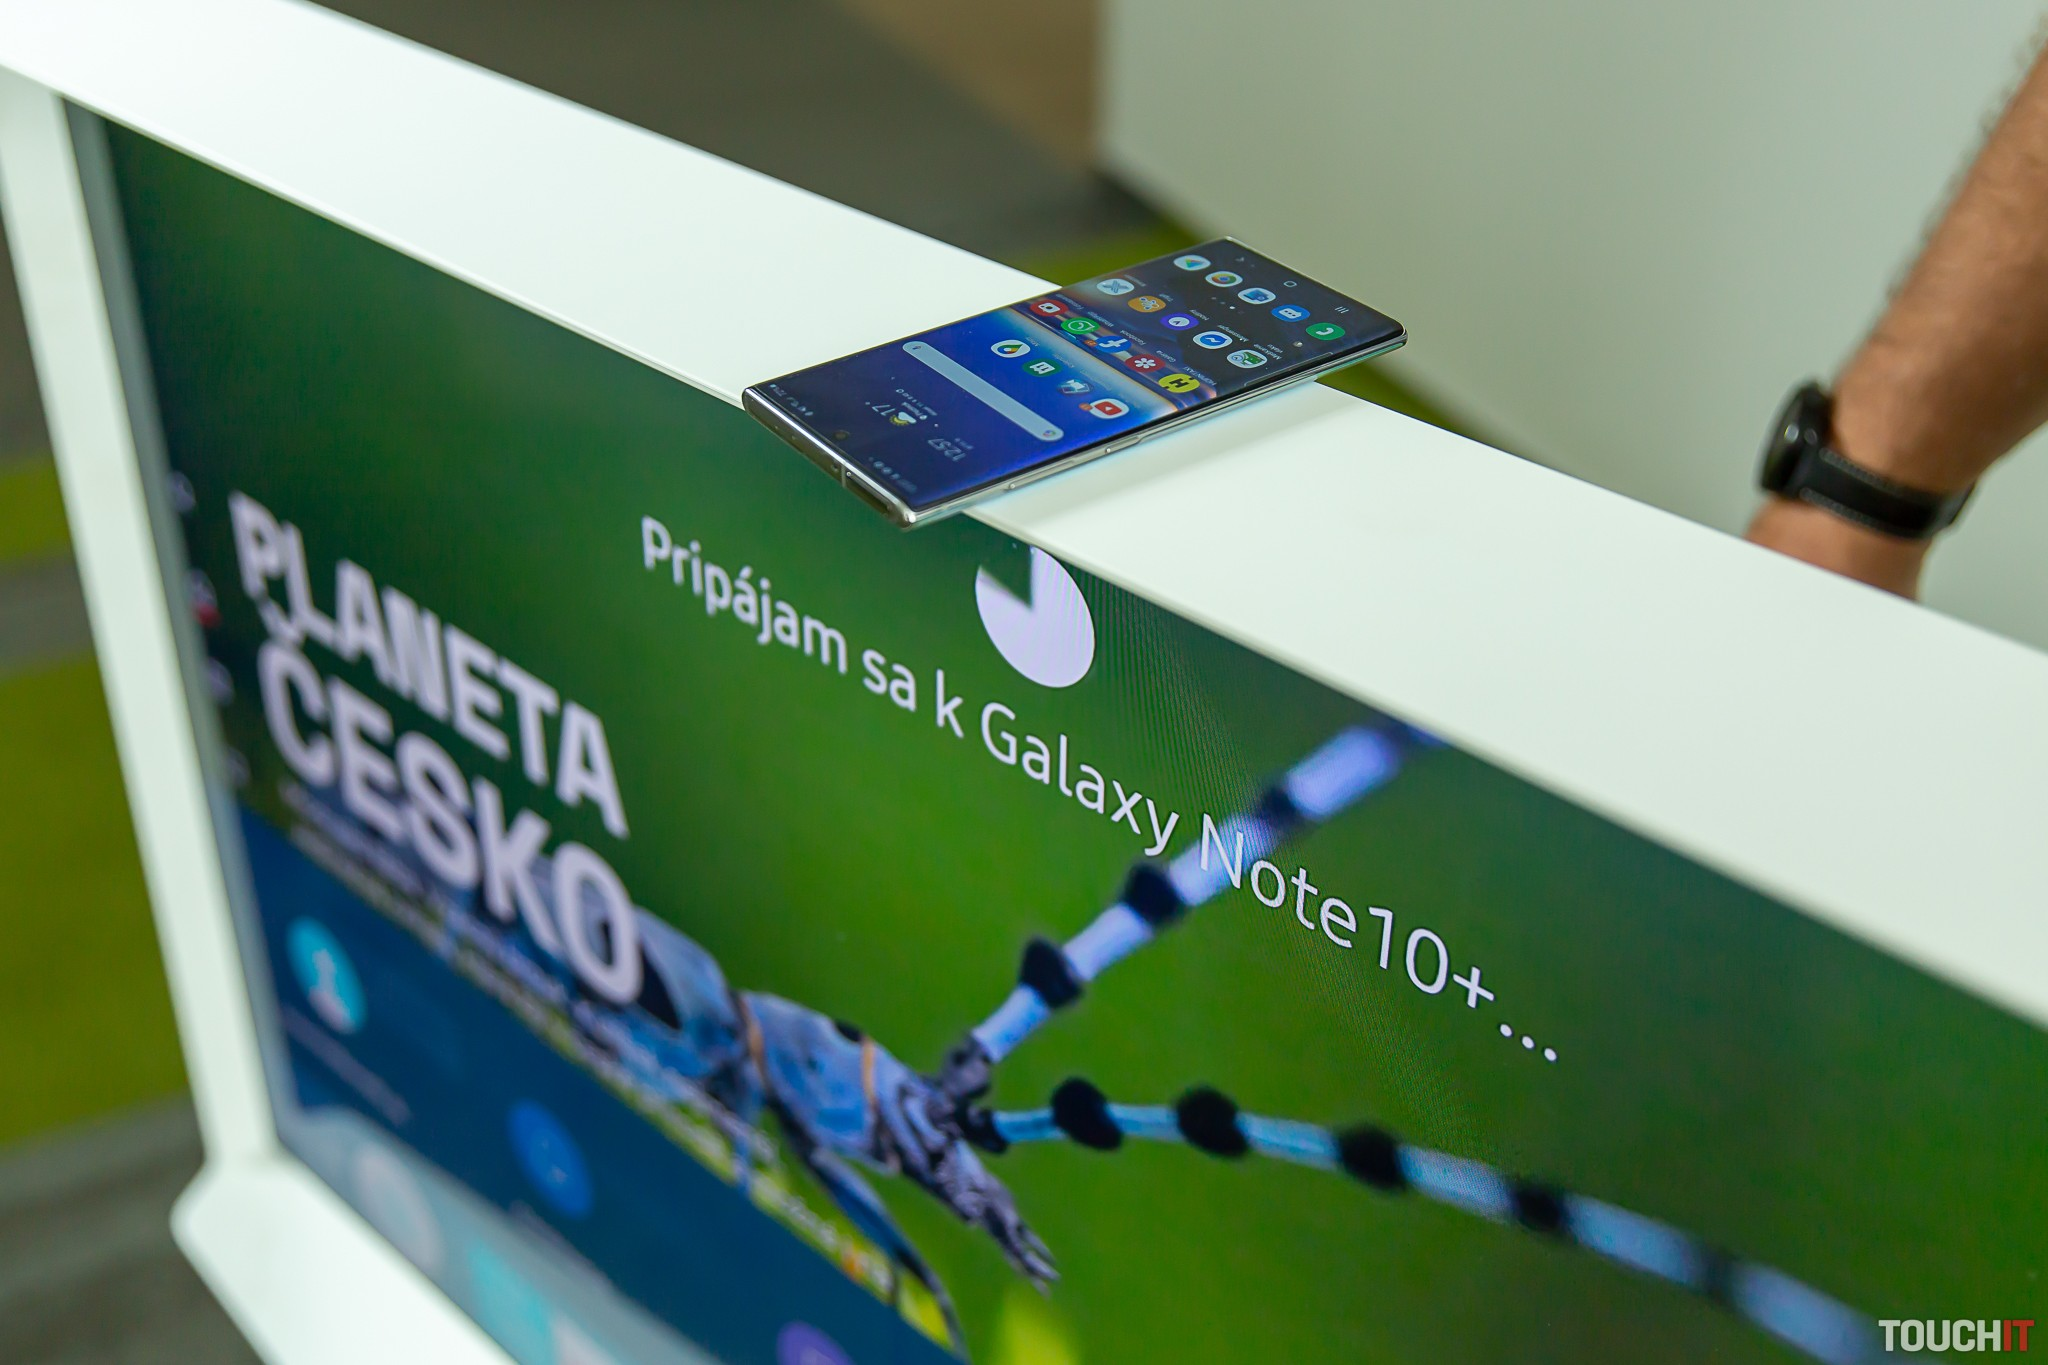 Automatické nadviazanie spojenia medzi smartfónom a televízorom